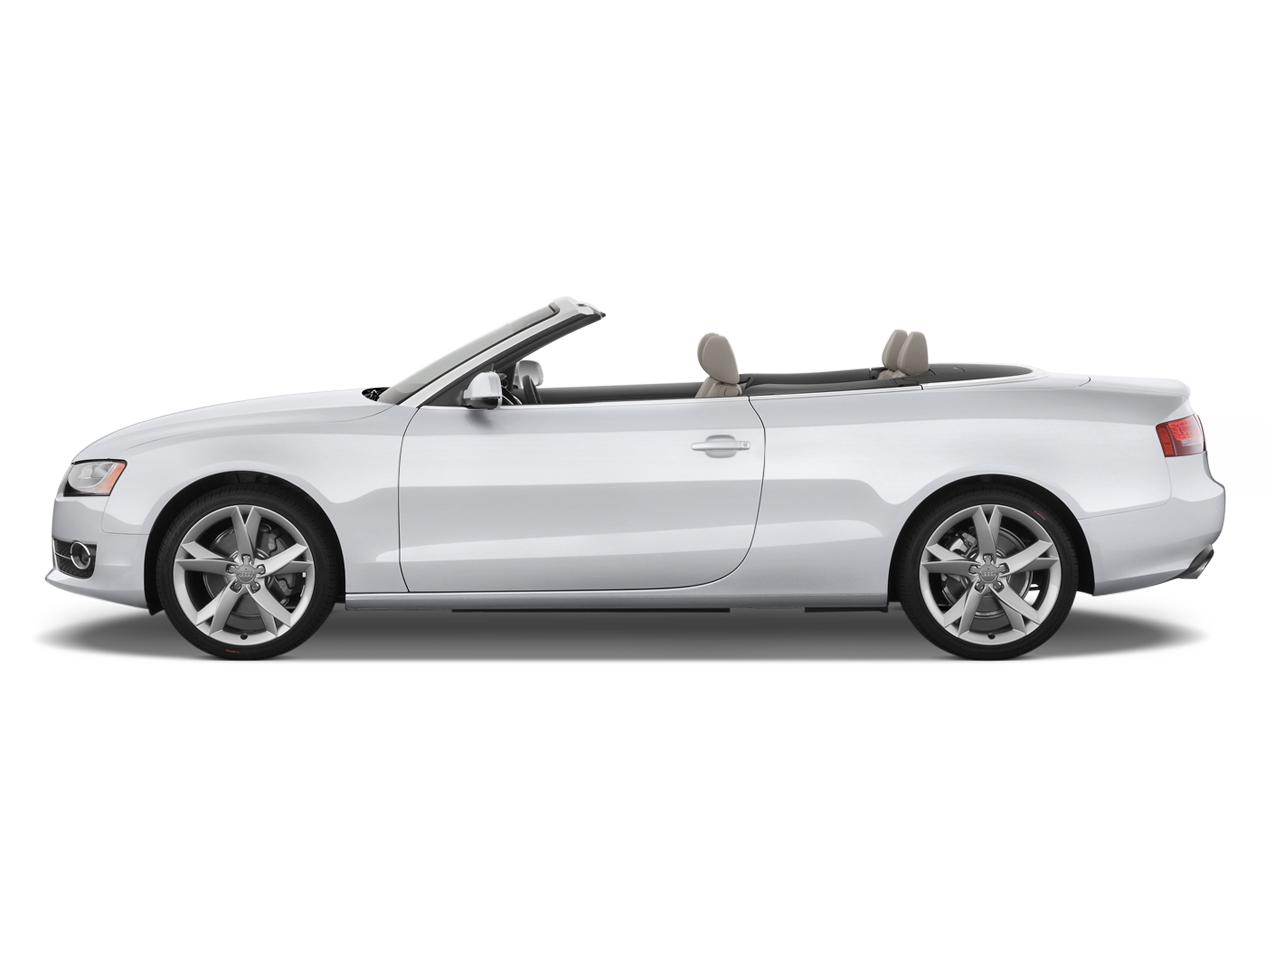 Kelebihan Kekurangan Audi A5 2011 Harga